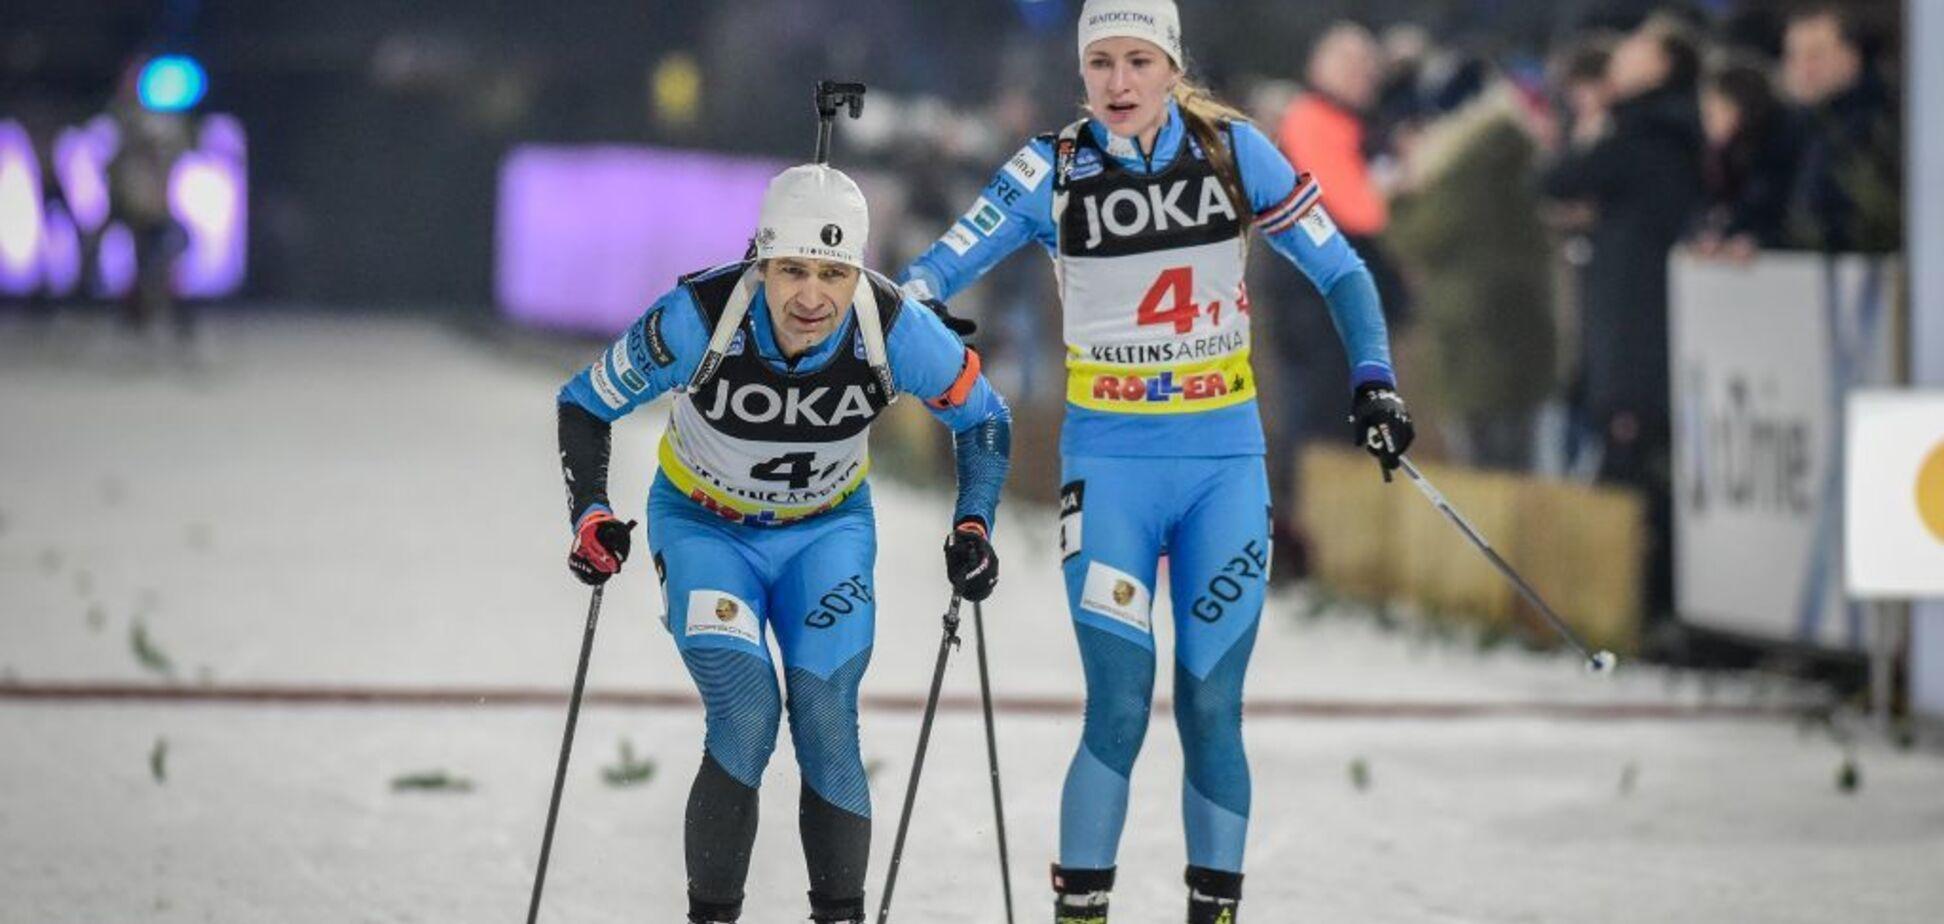 Відео дня: легендарному Бьорндалену подарували медаль в Різдвяній гонці